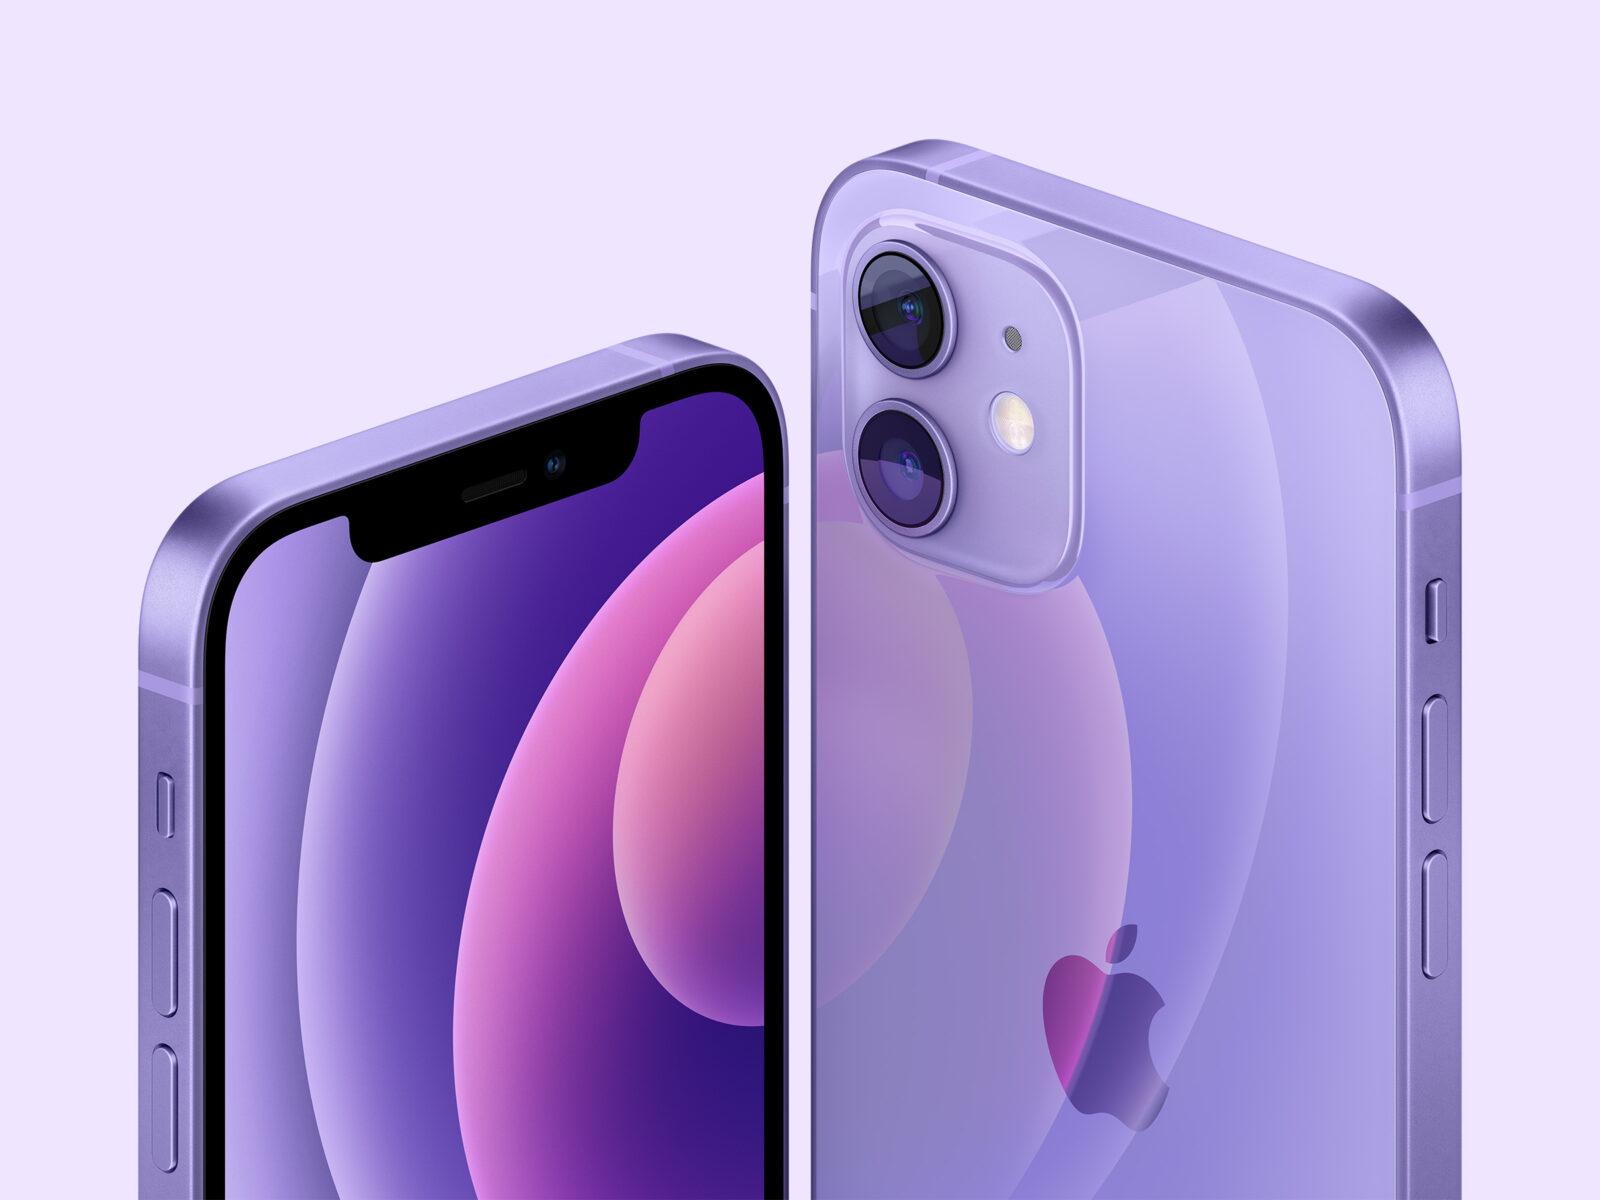 L'iPhone 12 è il modello più apprezzato delle lineup